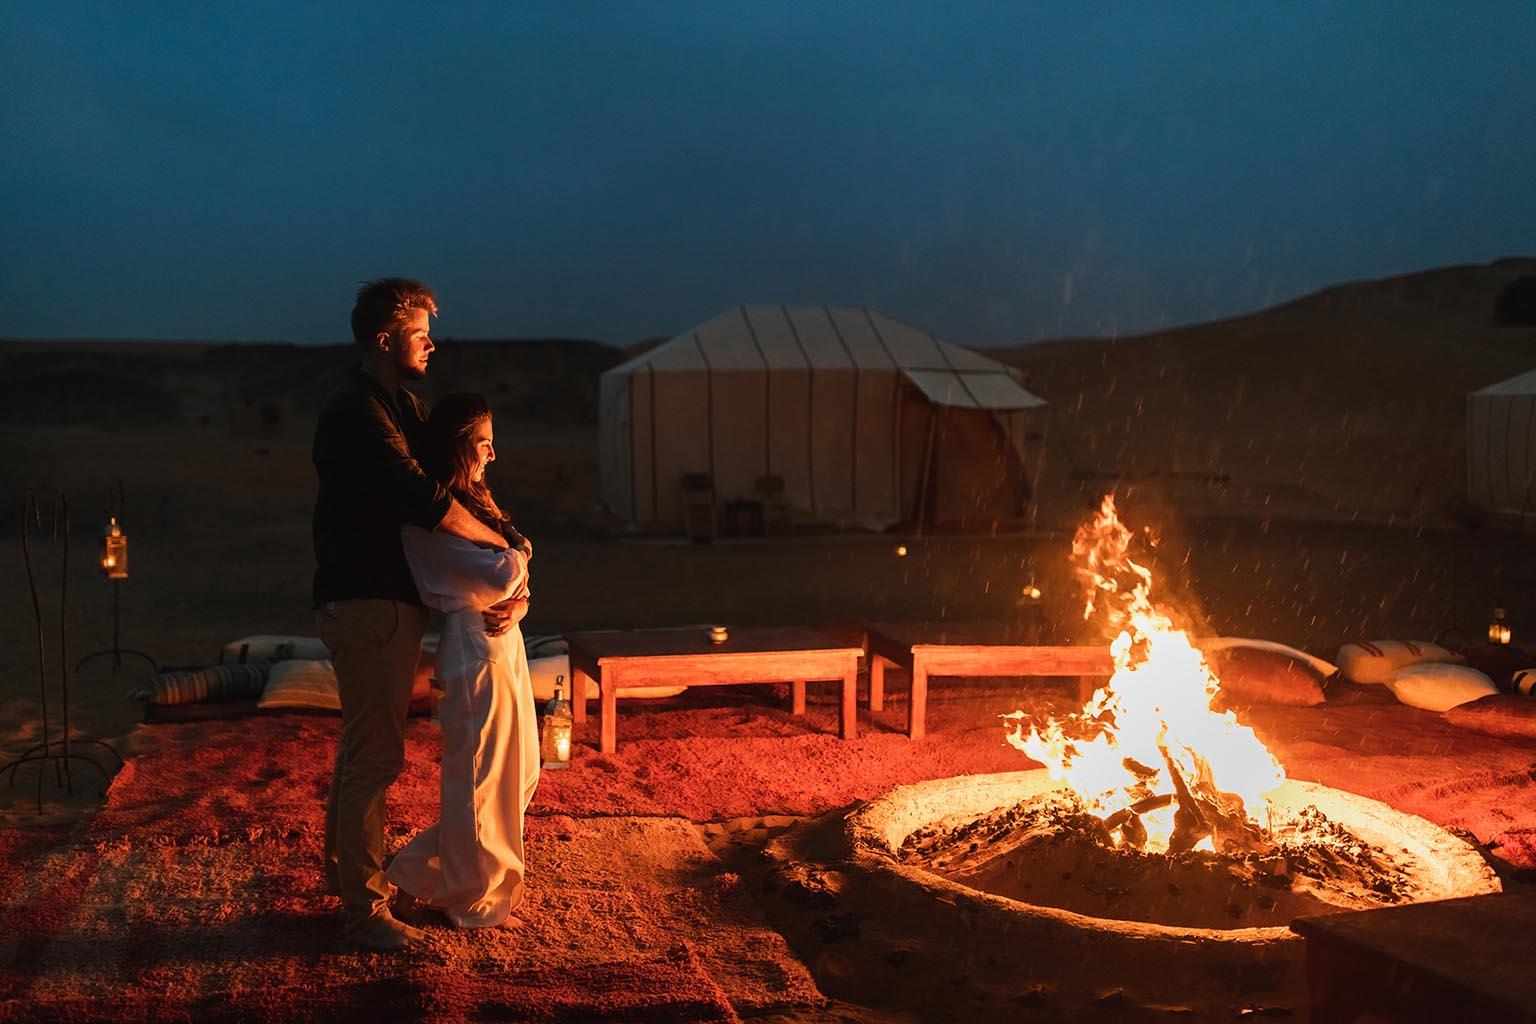 pareja abrazada junto a la luz de una fogata, recuerdan juntos una de las pedidas de matrimonio más ardientes